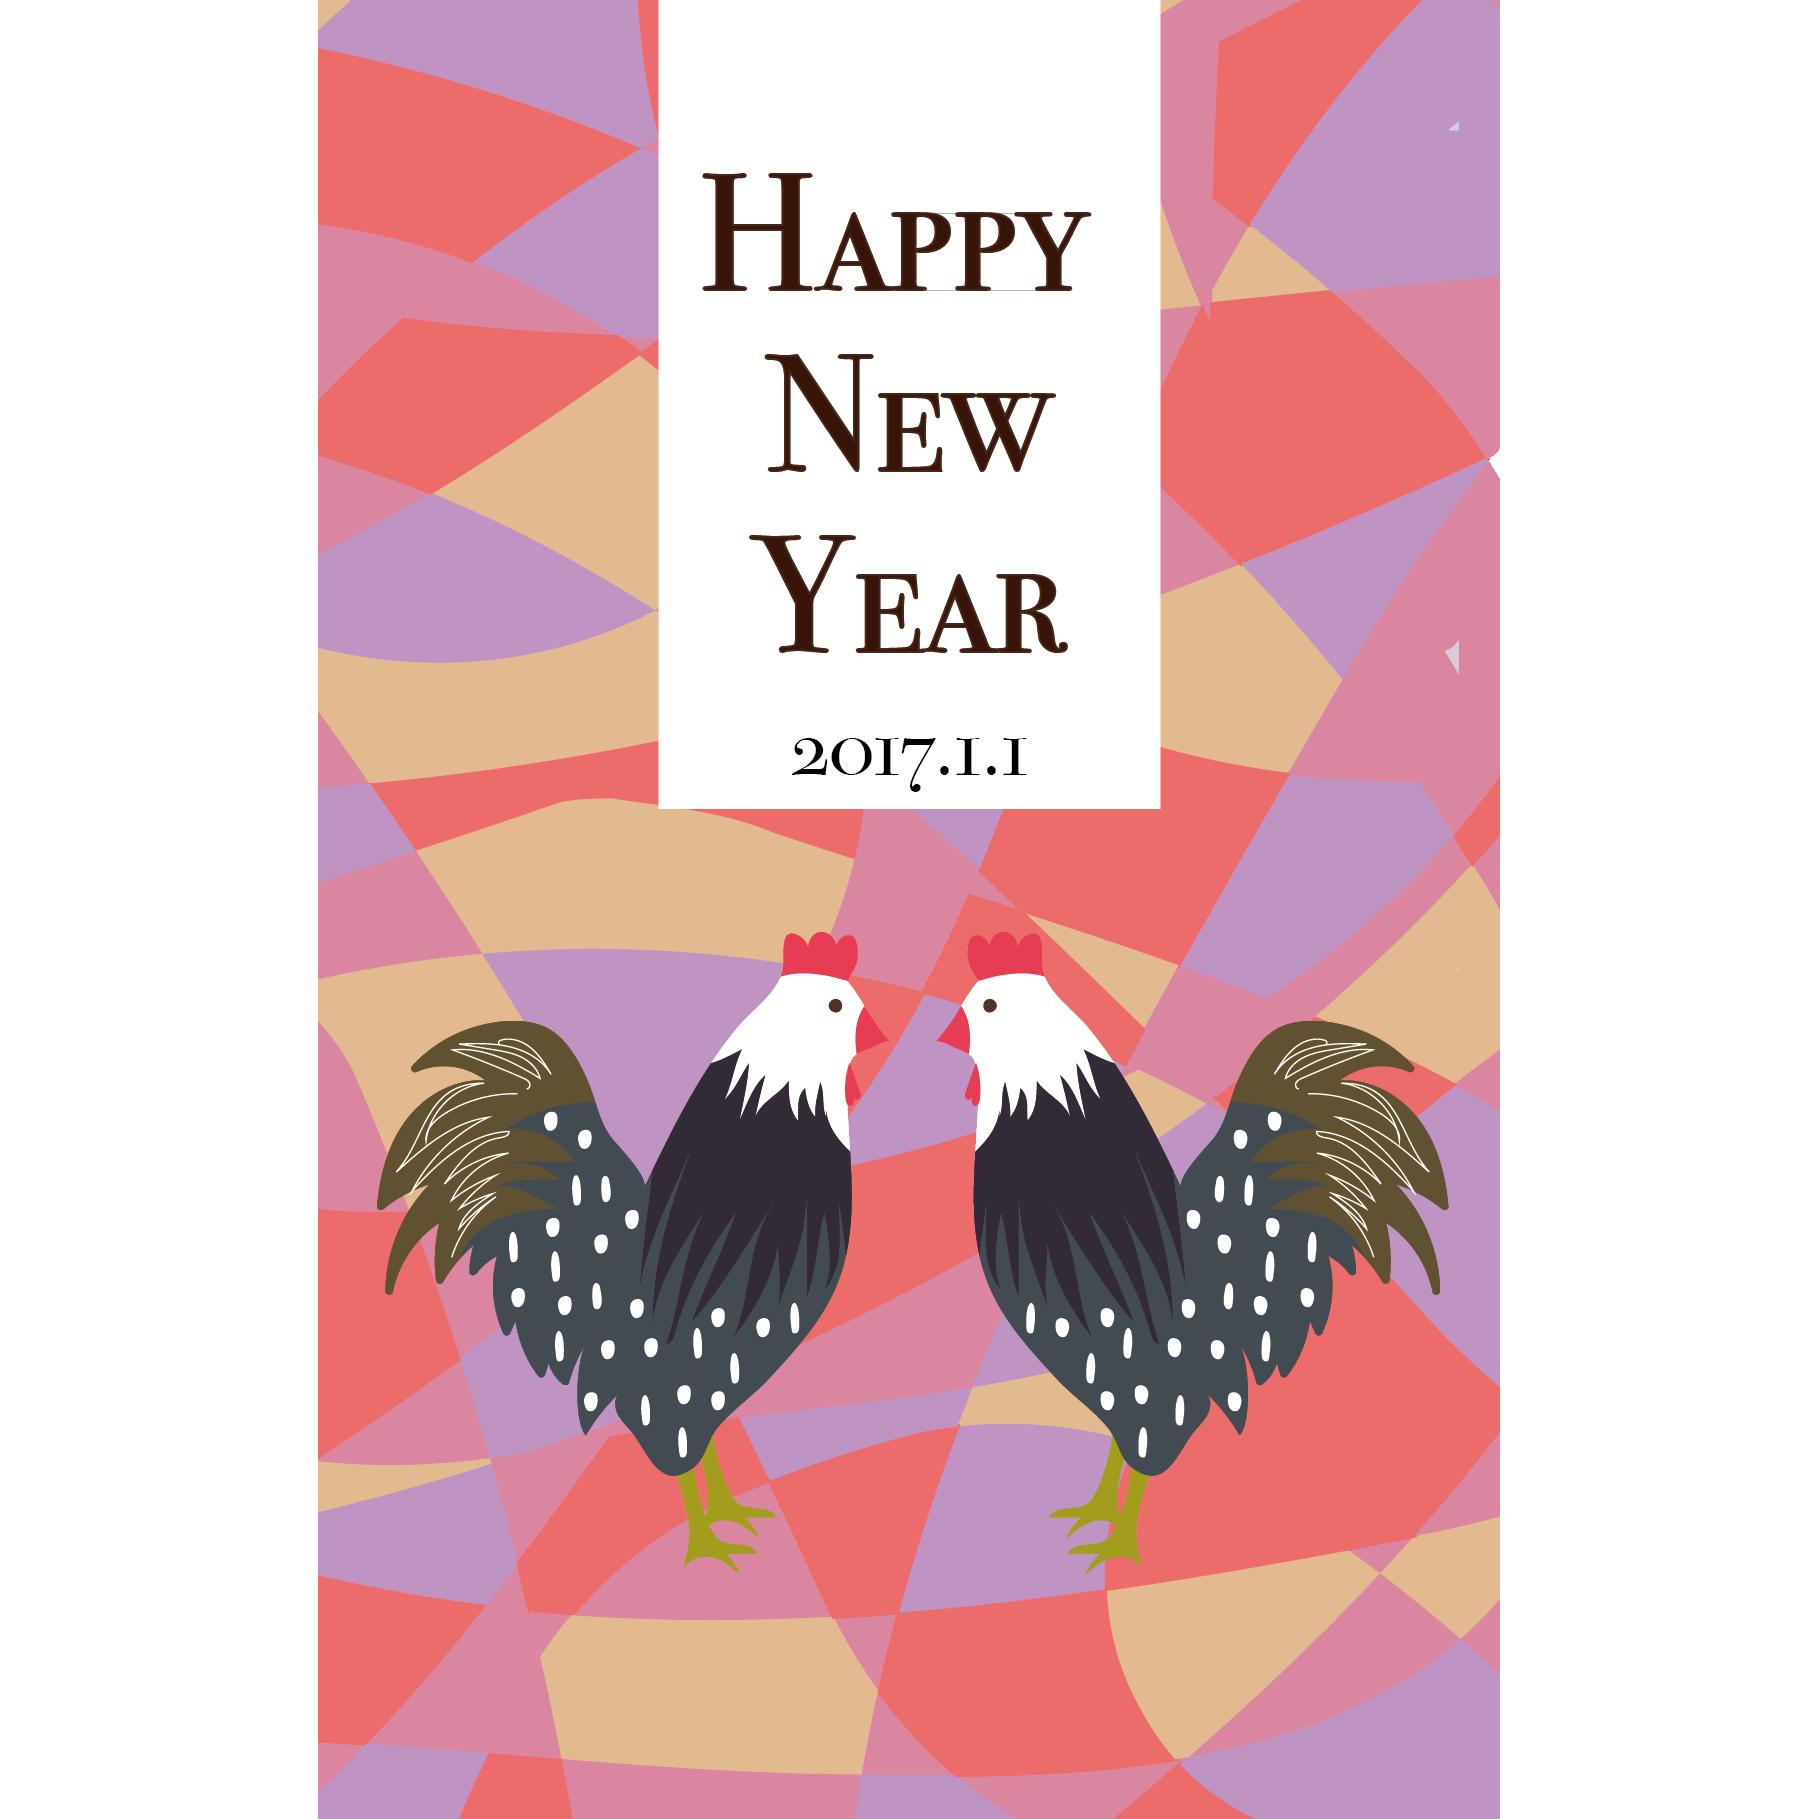 酉年 とってもおしゃれな鶏の年賀状 2017年 イラスト | 商用フリー